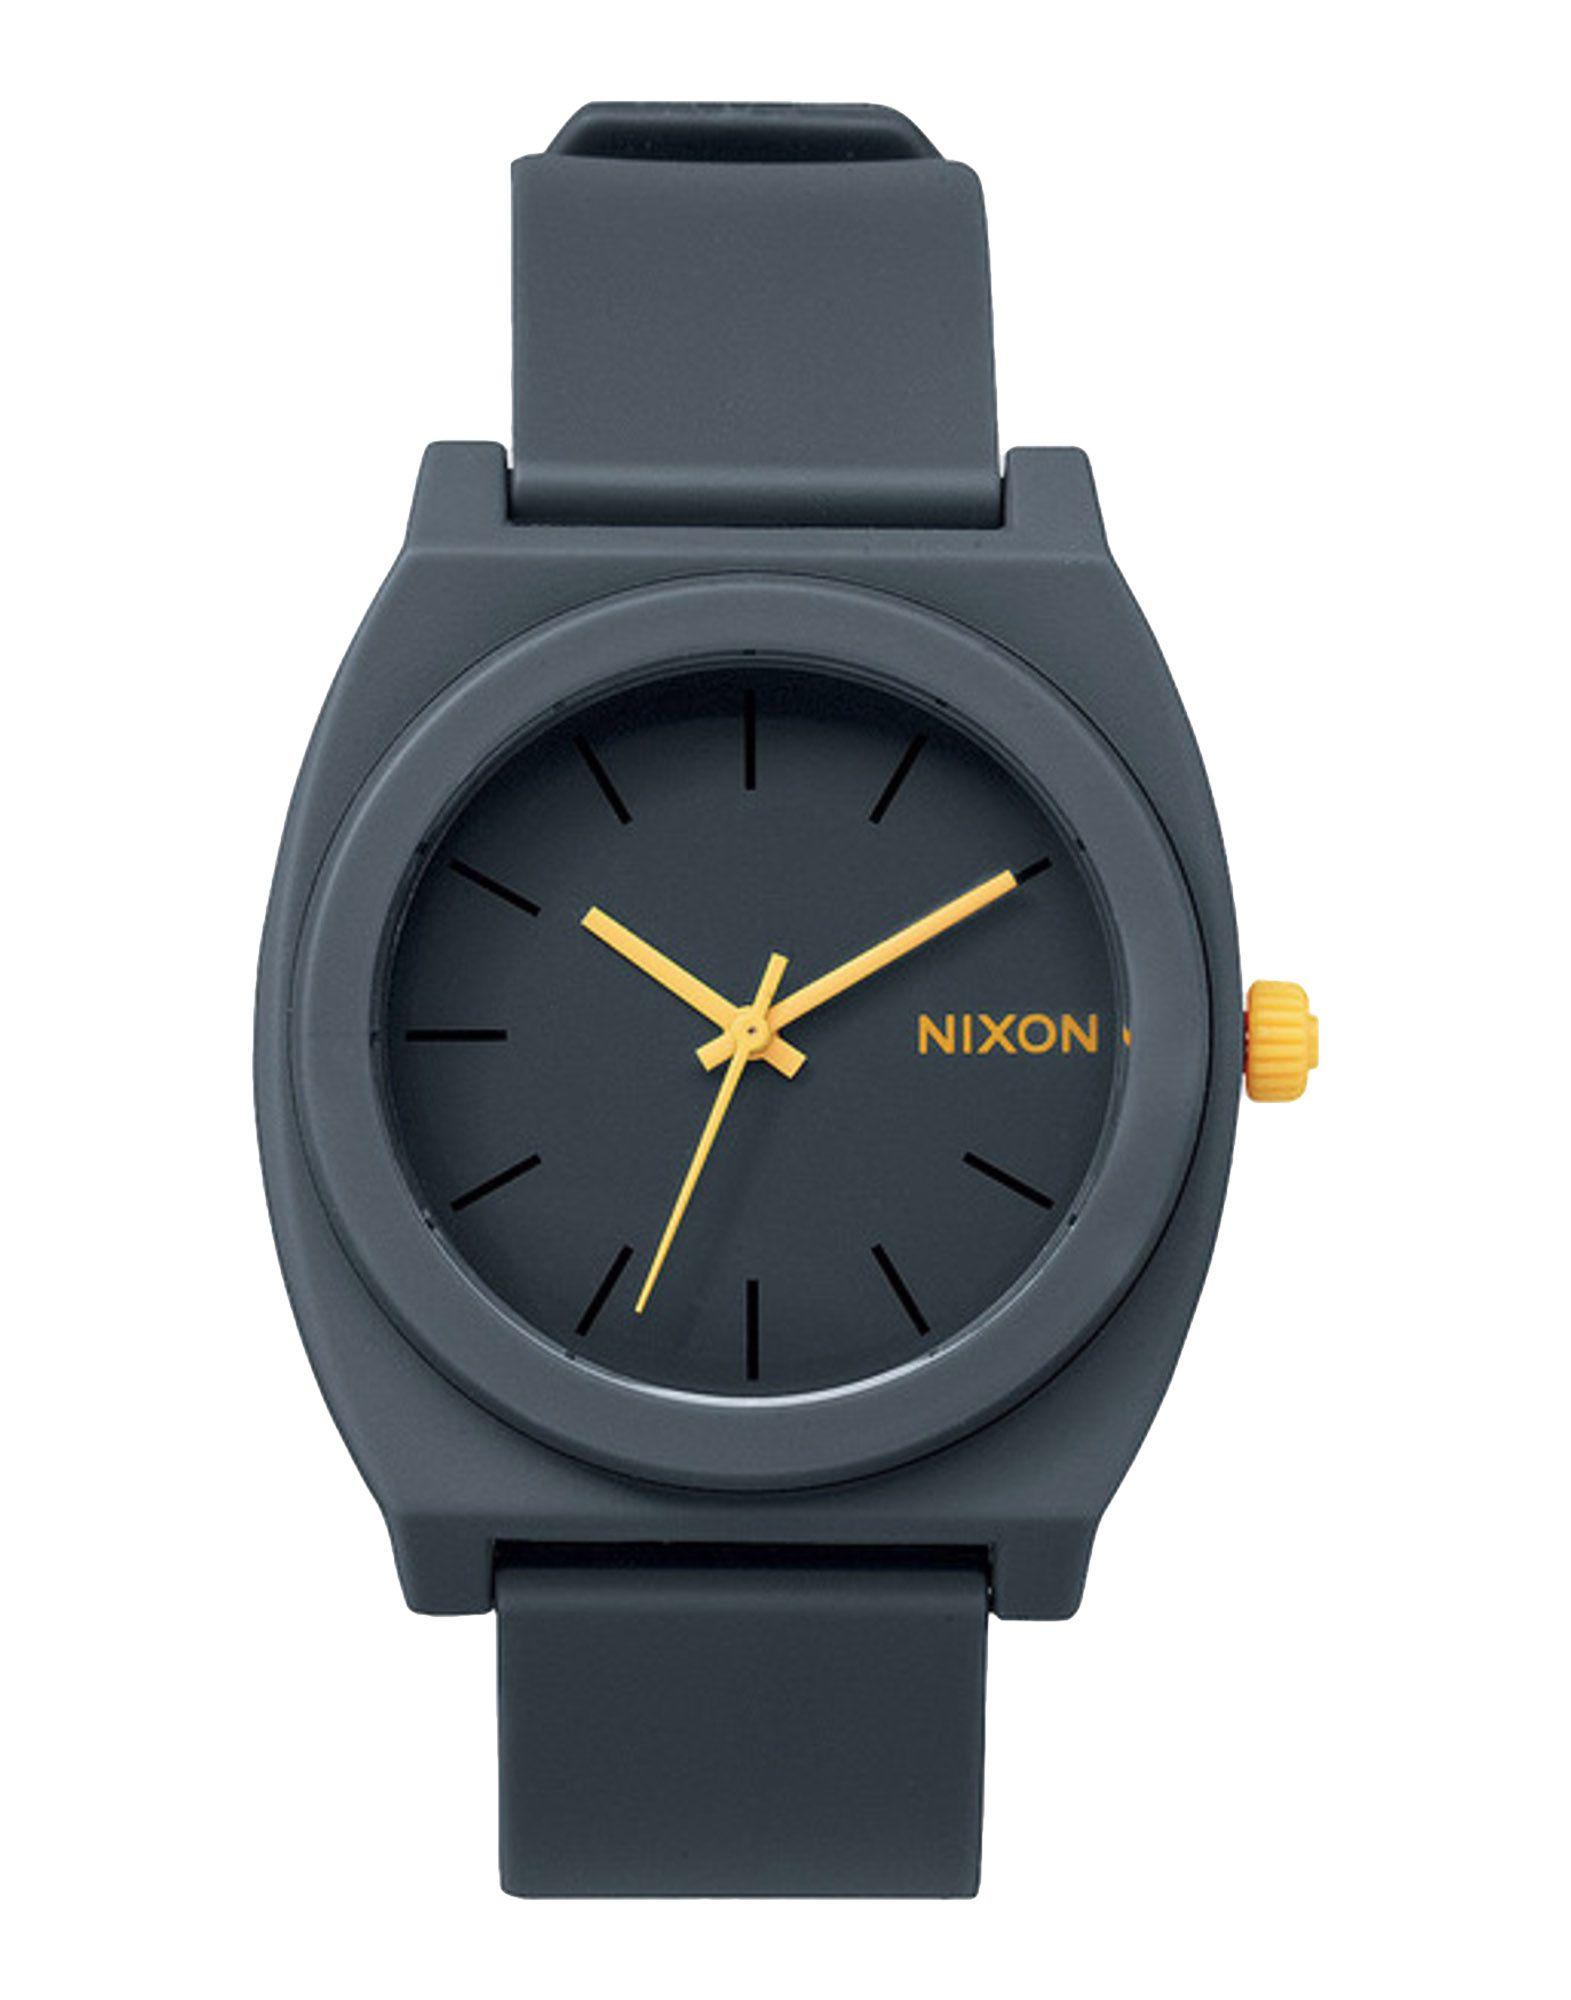 ユニセックス NIXON 腕時計 グレー